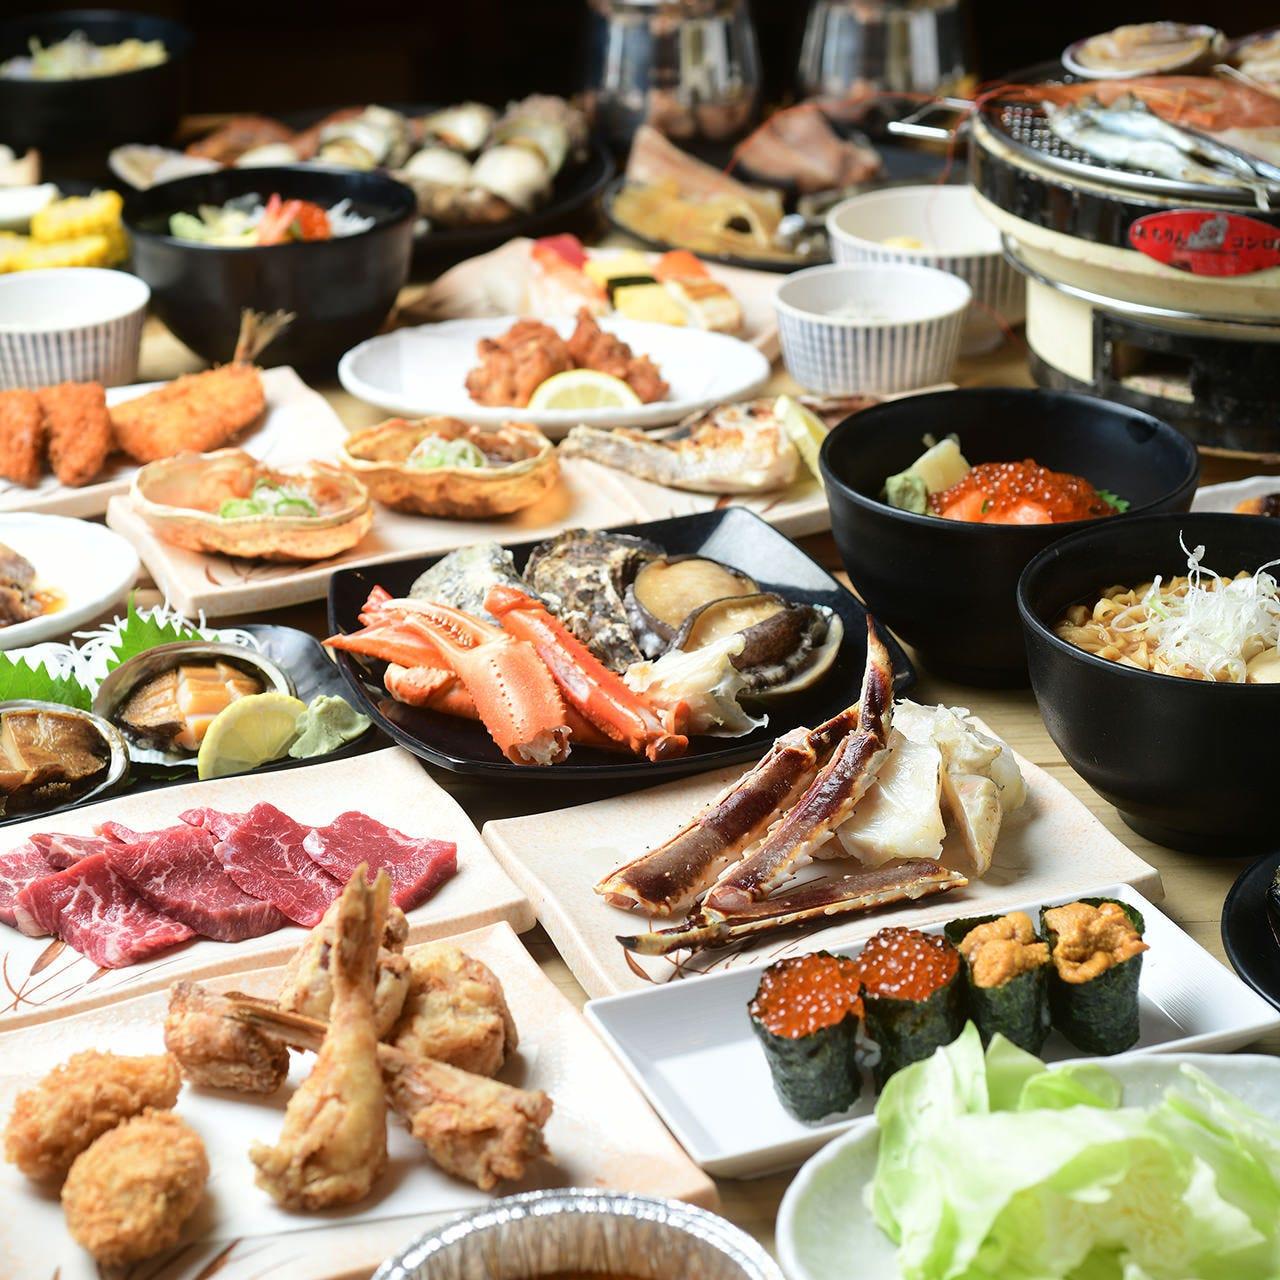 目利き自慢の魚介と名物料理を堪能!